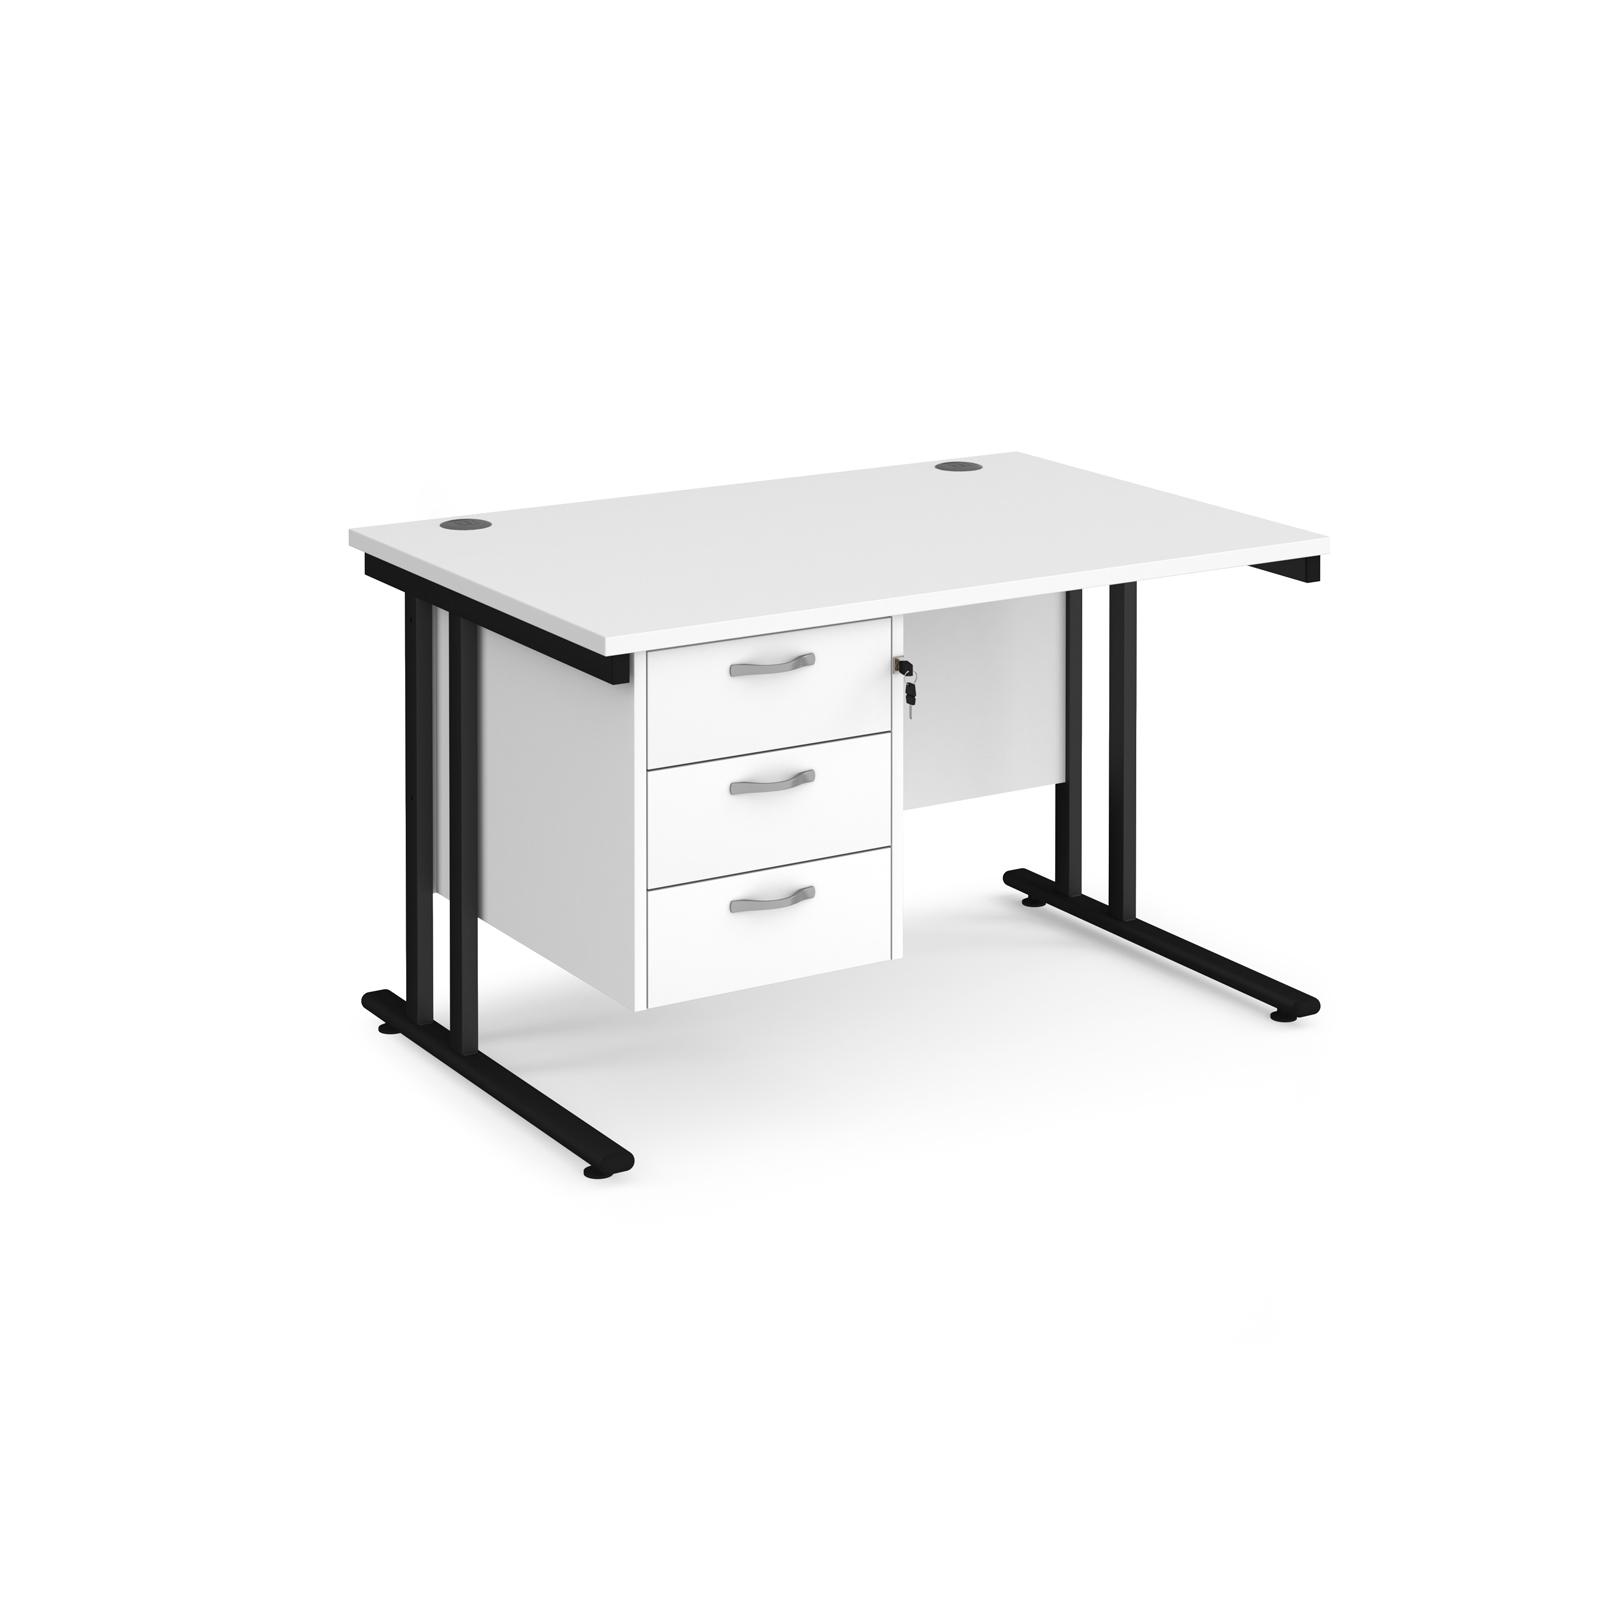 Rectangular Desks Maestro 25 straight desk 1200mm x 800mm with 3 drawer pedestal - black cantilever leg frame, white top